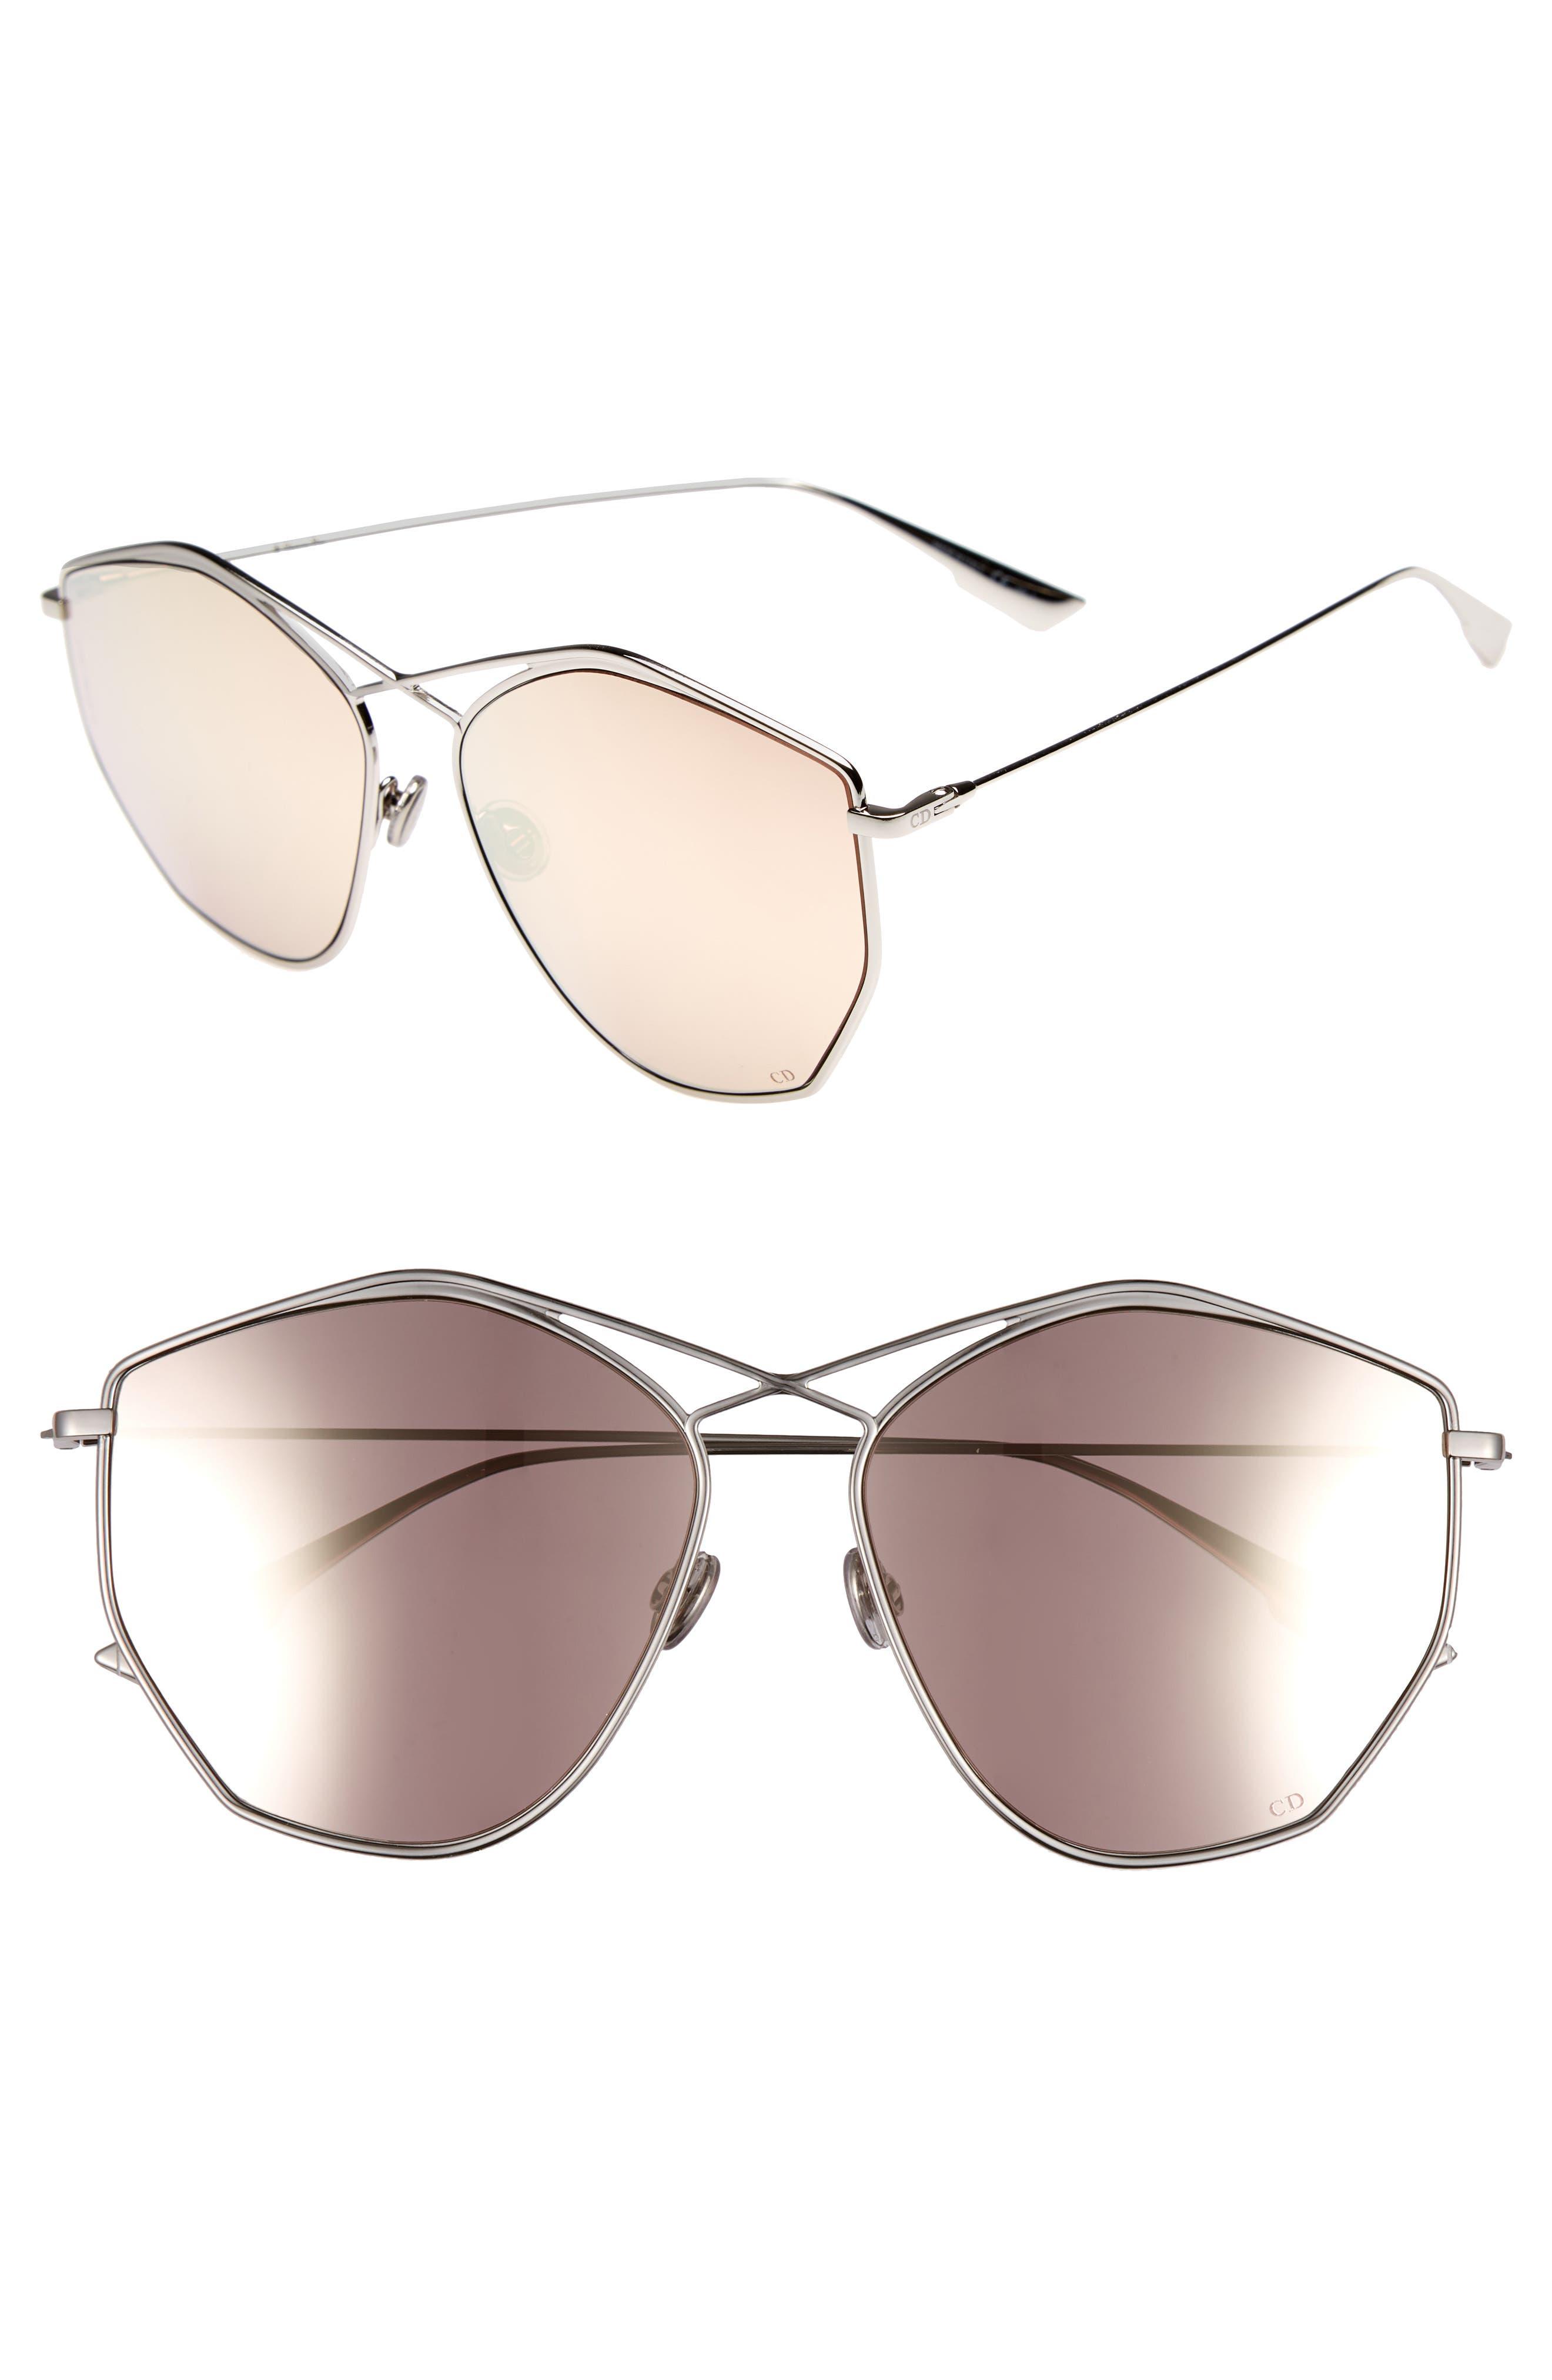 Alternate Image 1 Selected - Dior 59mm Metal Sunglasses